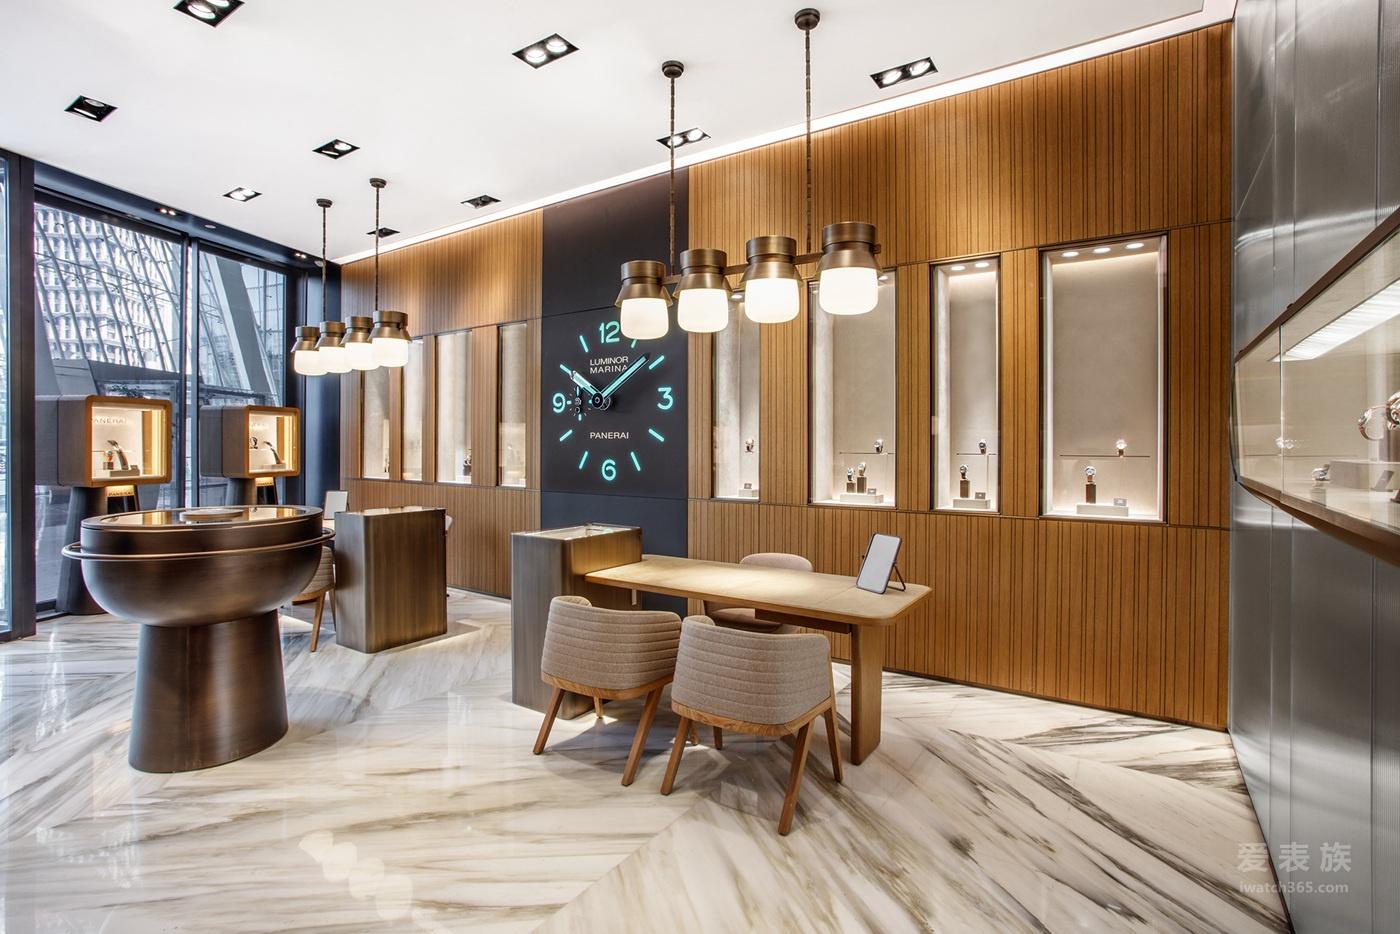 沛纳海上海国金中心专卖店以崭新形象重新揭幕 霍建华先生亲临剪彩仪式